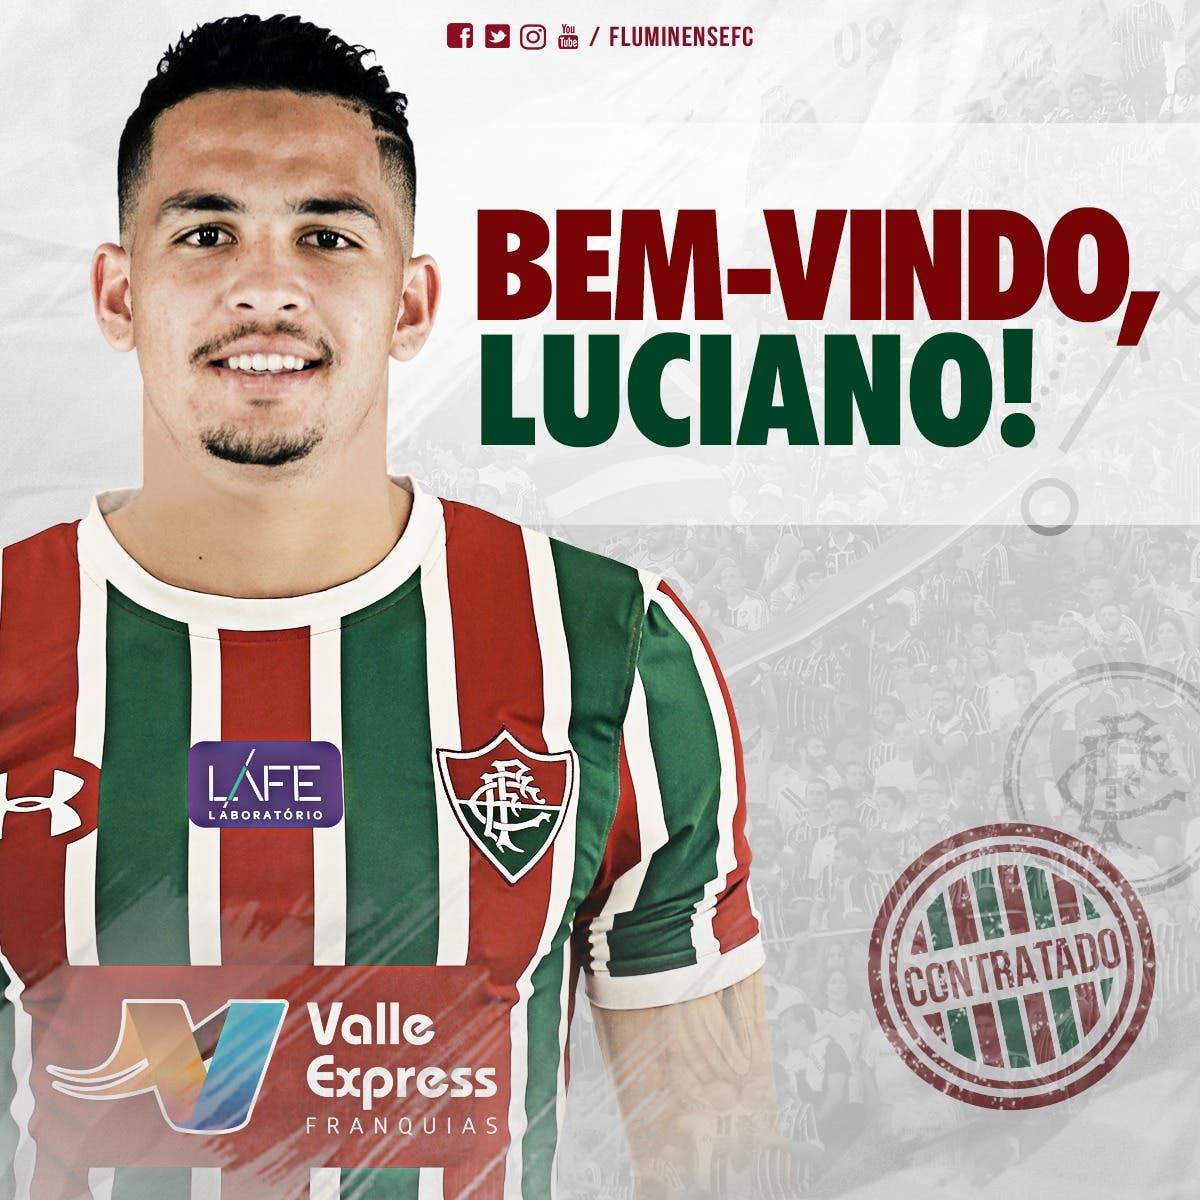 Fluminense Anuncia Contratacao De Luciano Netflu